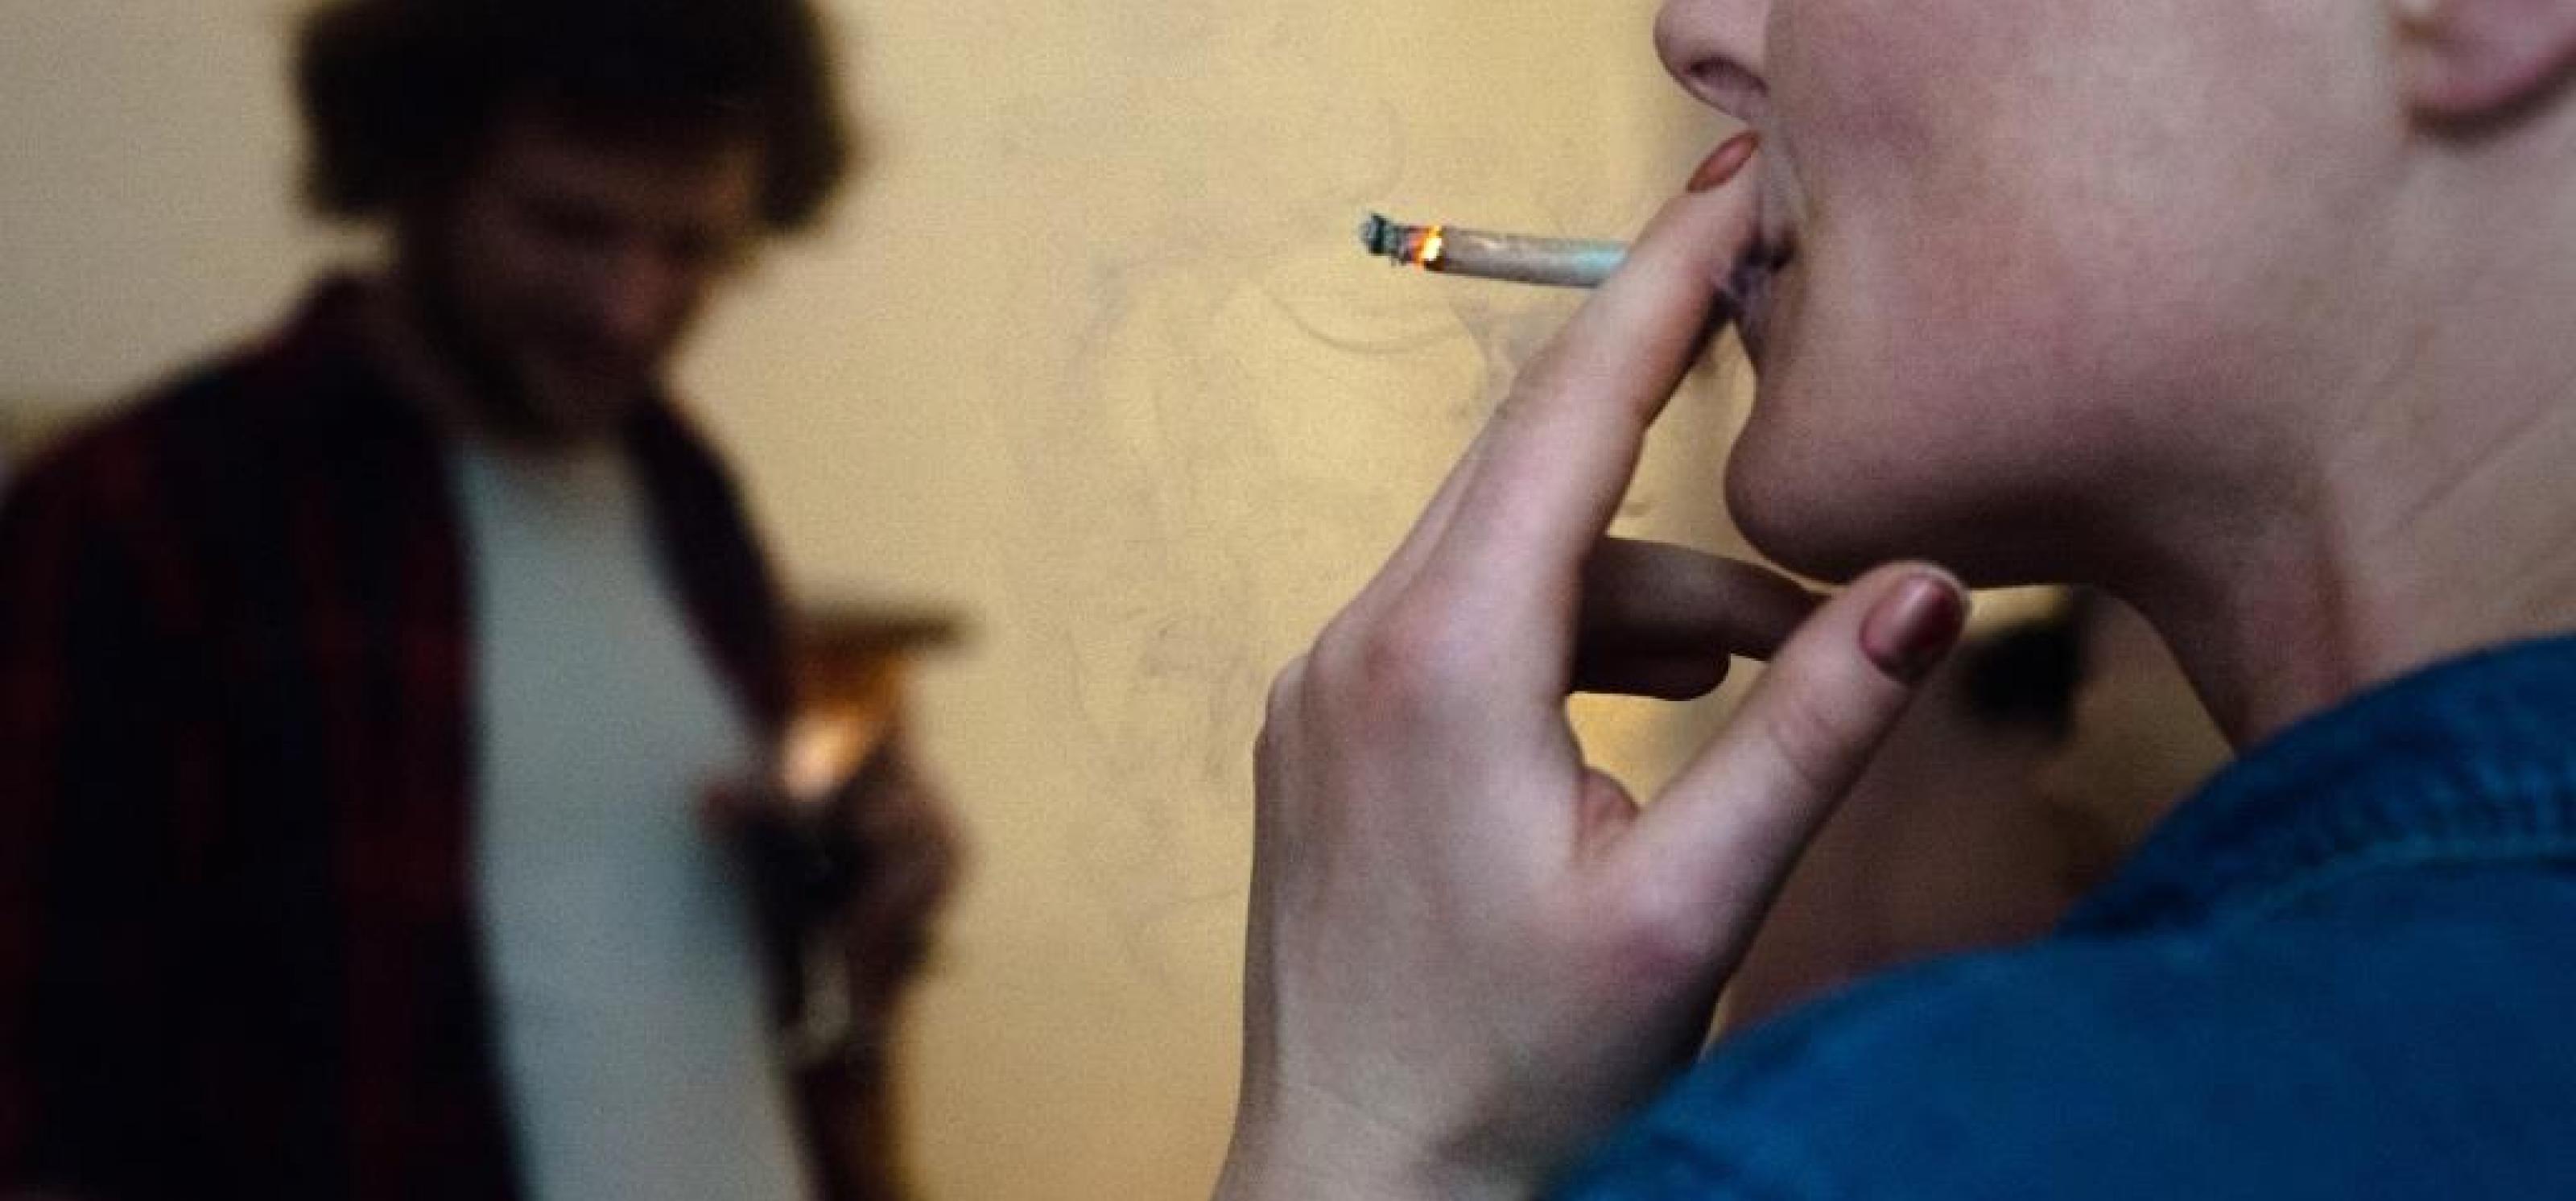 Eine Frau zieht an einem Joint